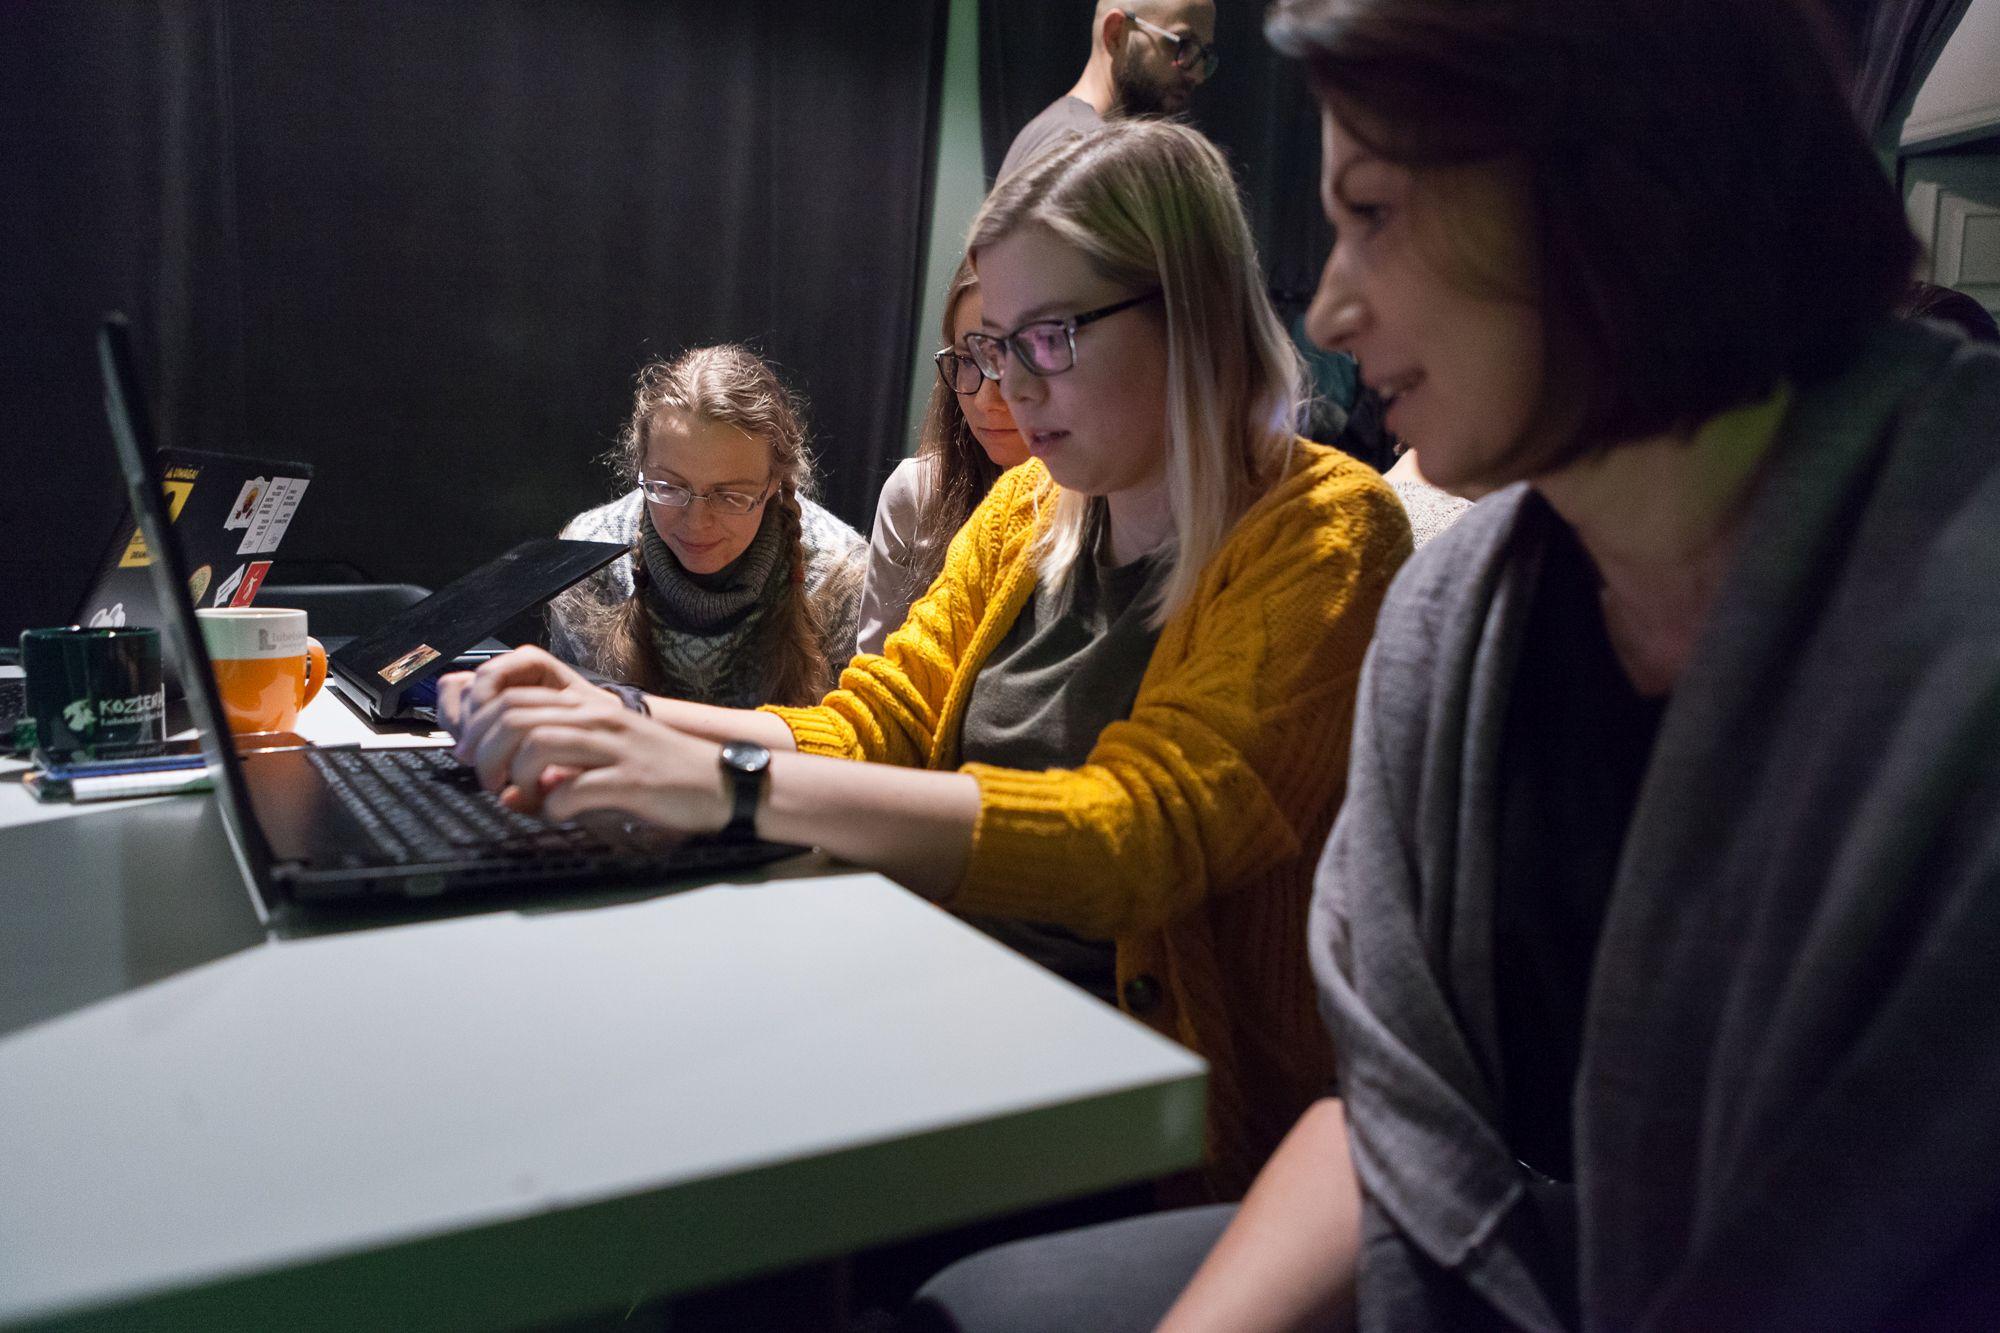 Inkubator Kultury | Audiodeskrypcja [ Szkolenie z audiodeskrypcji. Na zdjęciu uczestnicy projektu, pracują na komputerach  w grupie ]